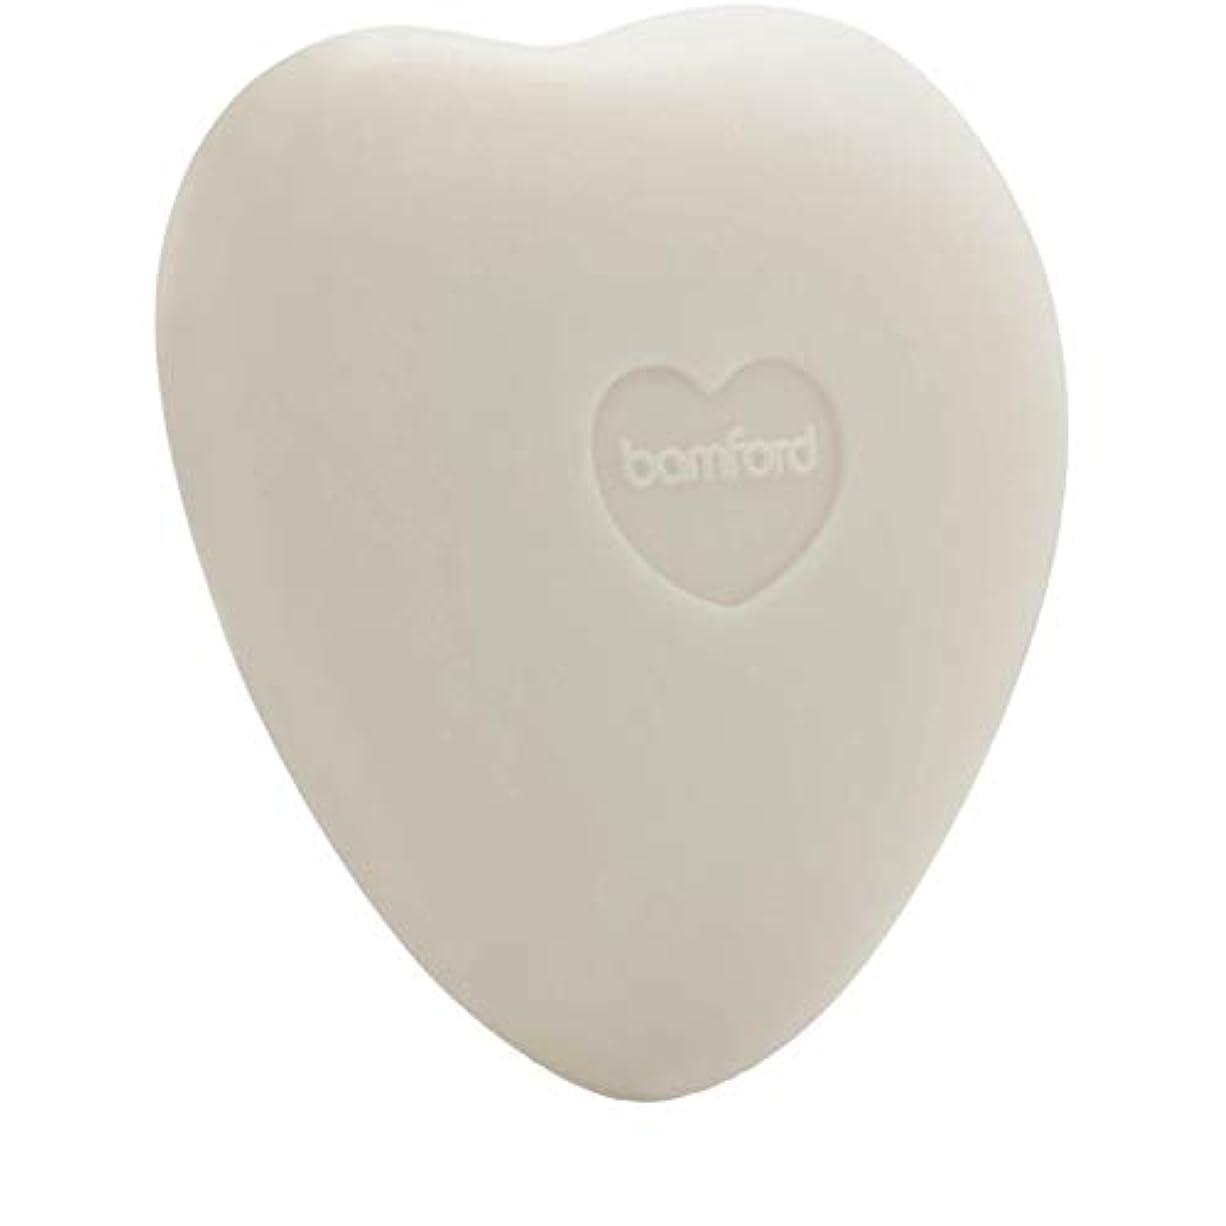 偽善入浴間違えた[Bamford ] バンフォードジャスミン小石石鹸250グラム - Bamford Jasmine Pebble Soap 250g [並行輸入品]